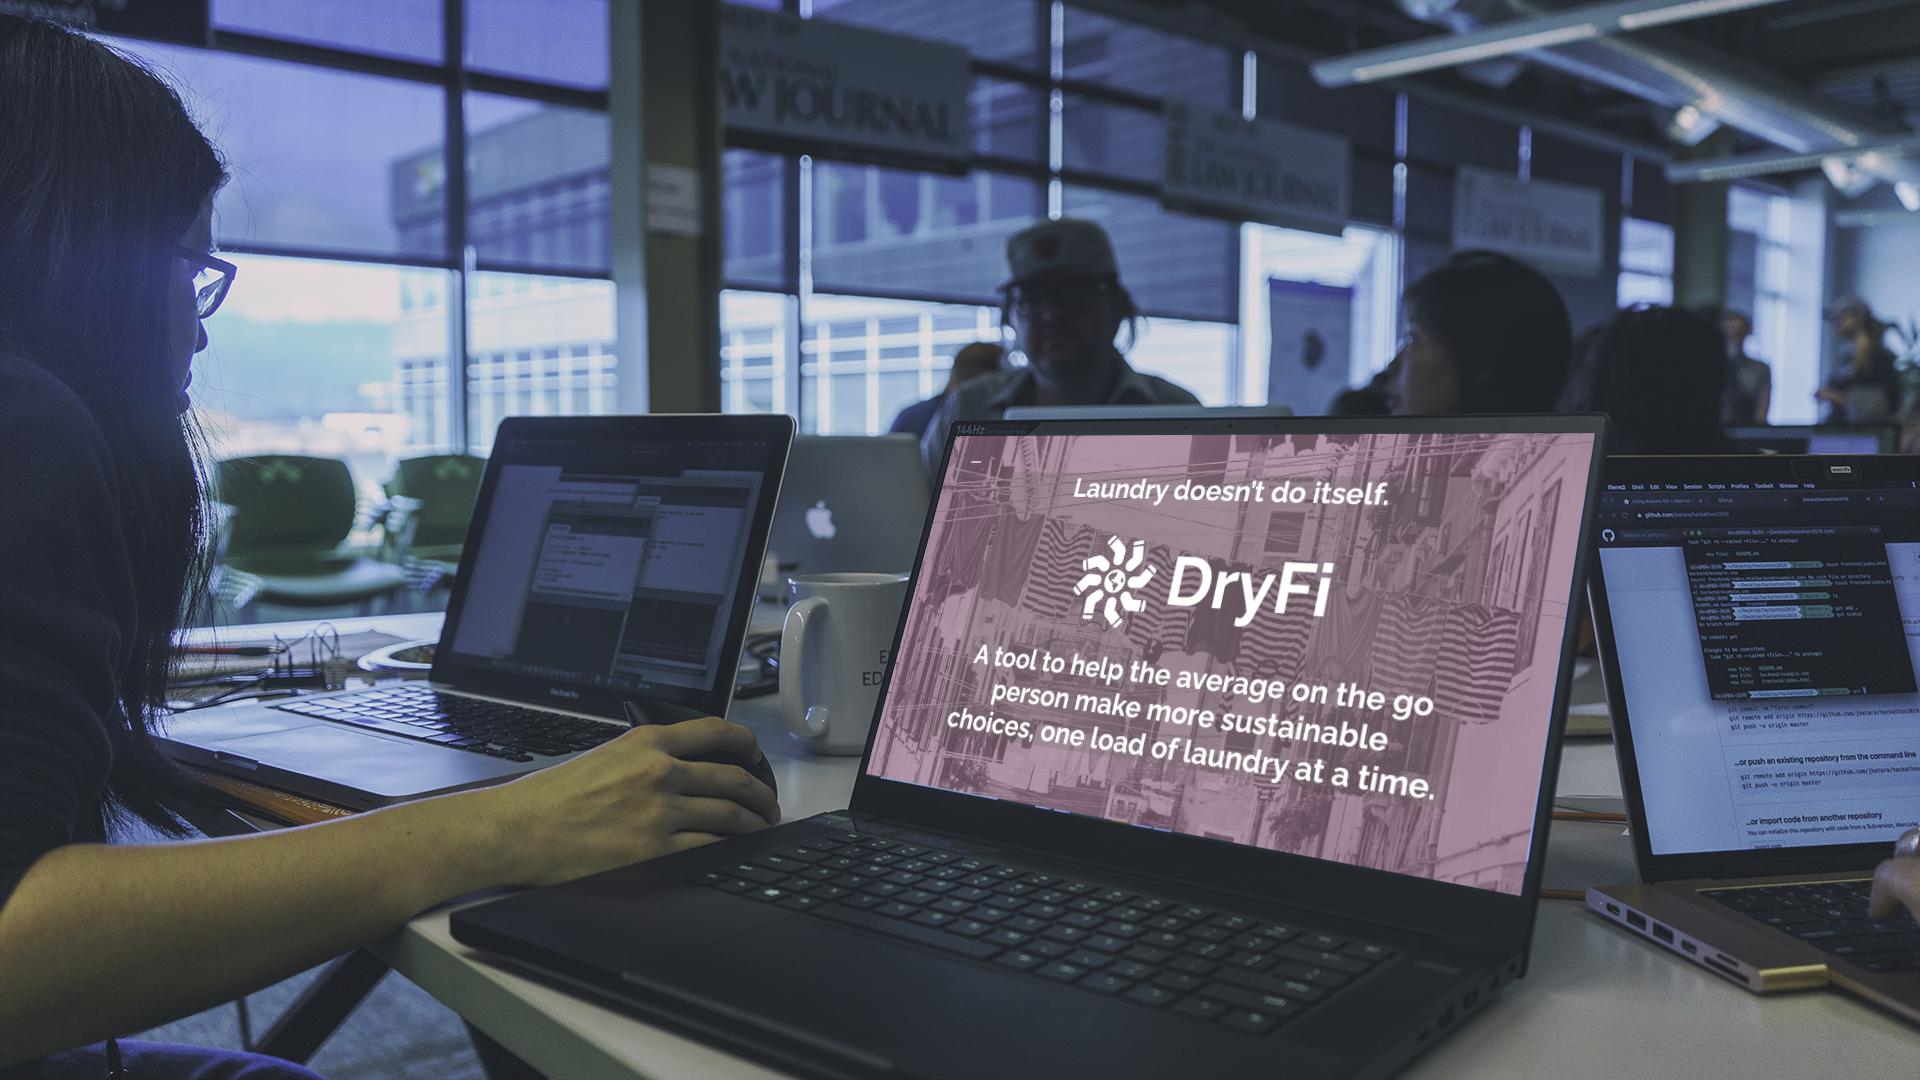 DryFi